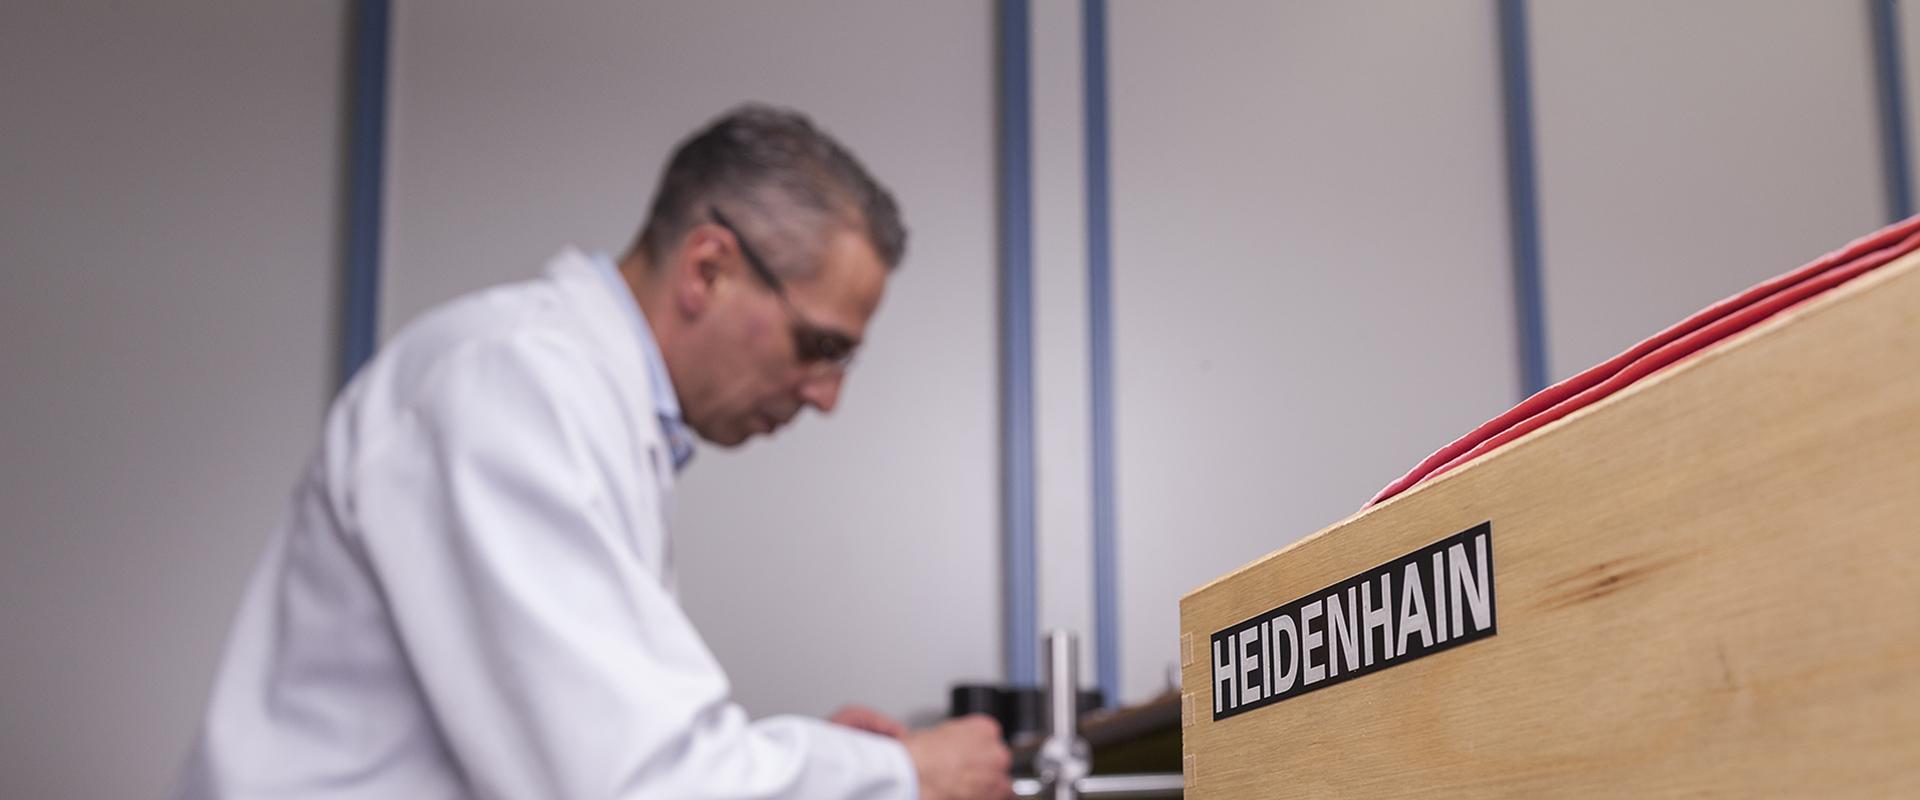 Haas ist offizieller Partner von Heidenhain